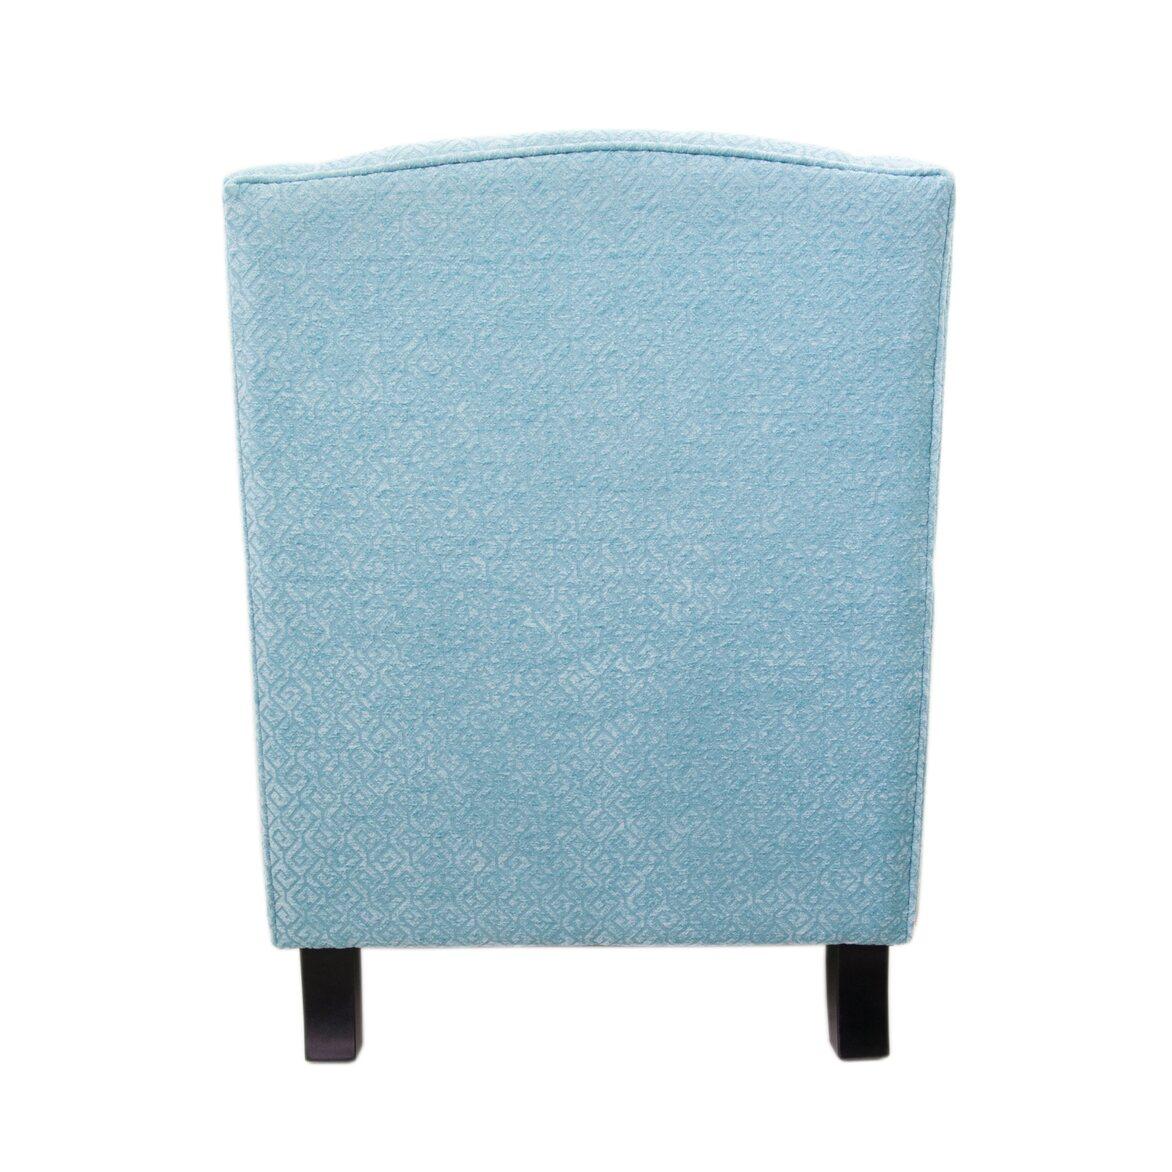 Полукресло Scott blue 3 | Каминные кресла Kingsby